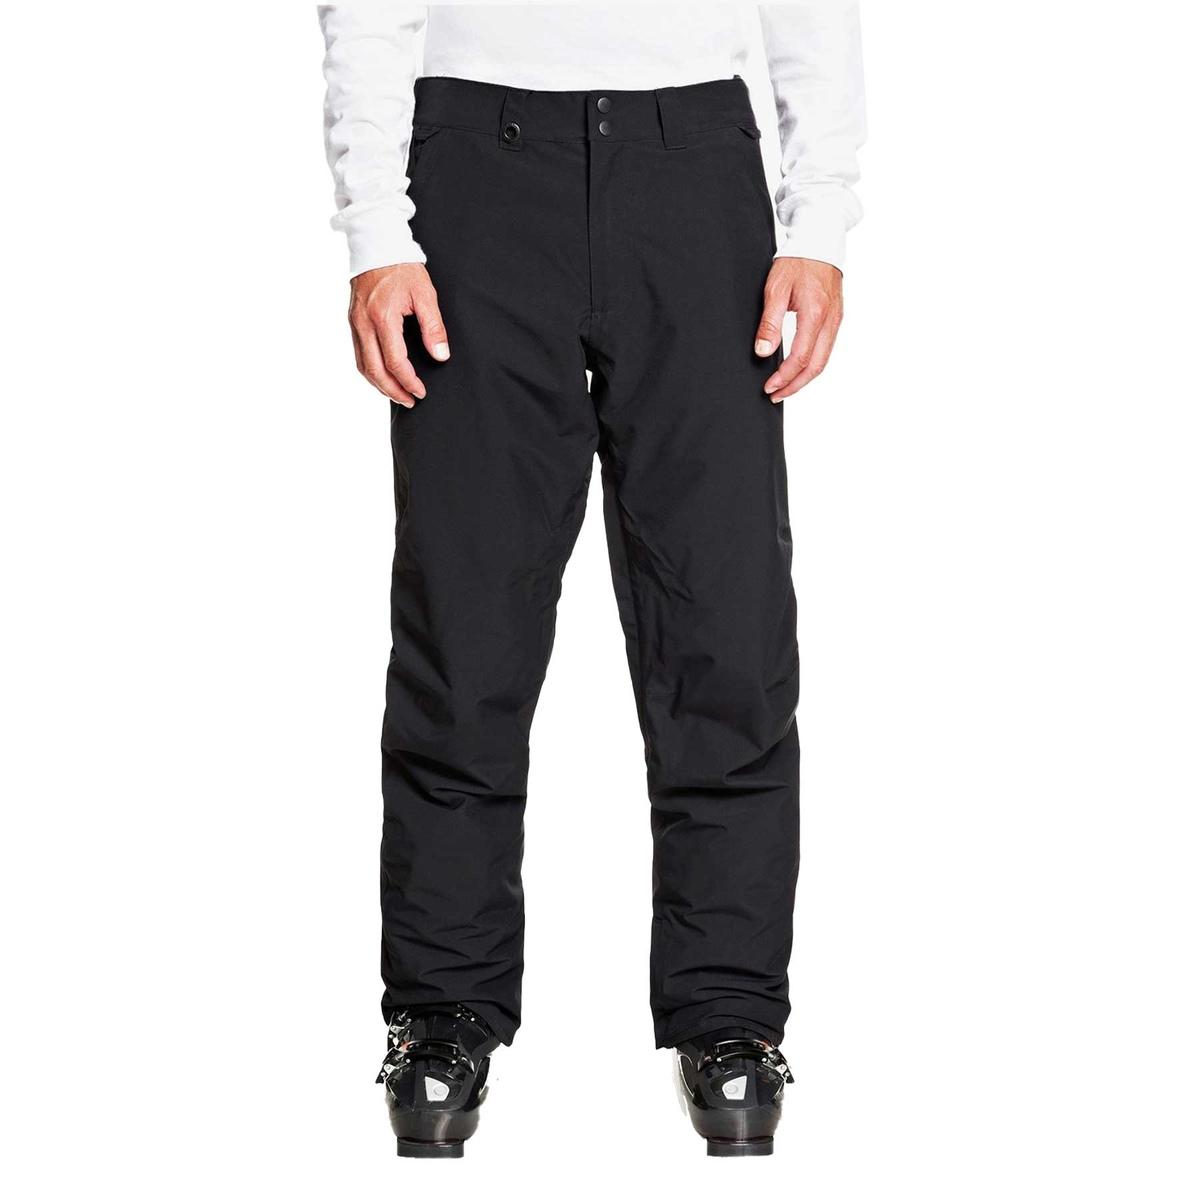 Prezzi Quiksilver pantaloni estate bambino